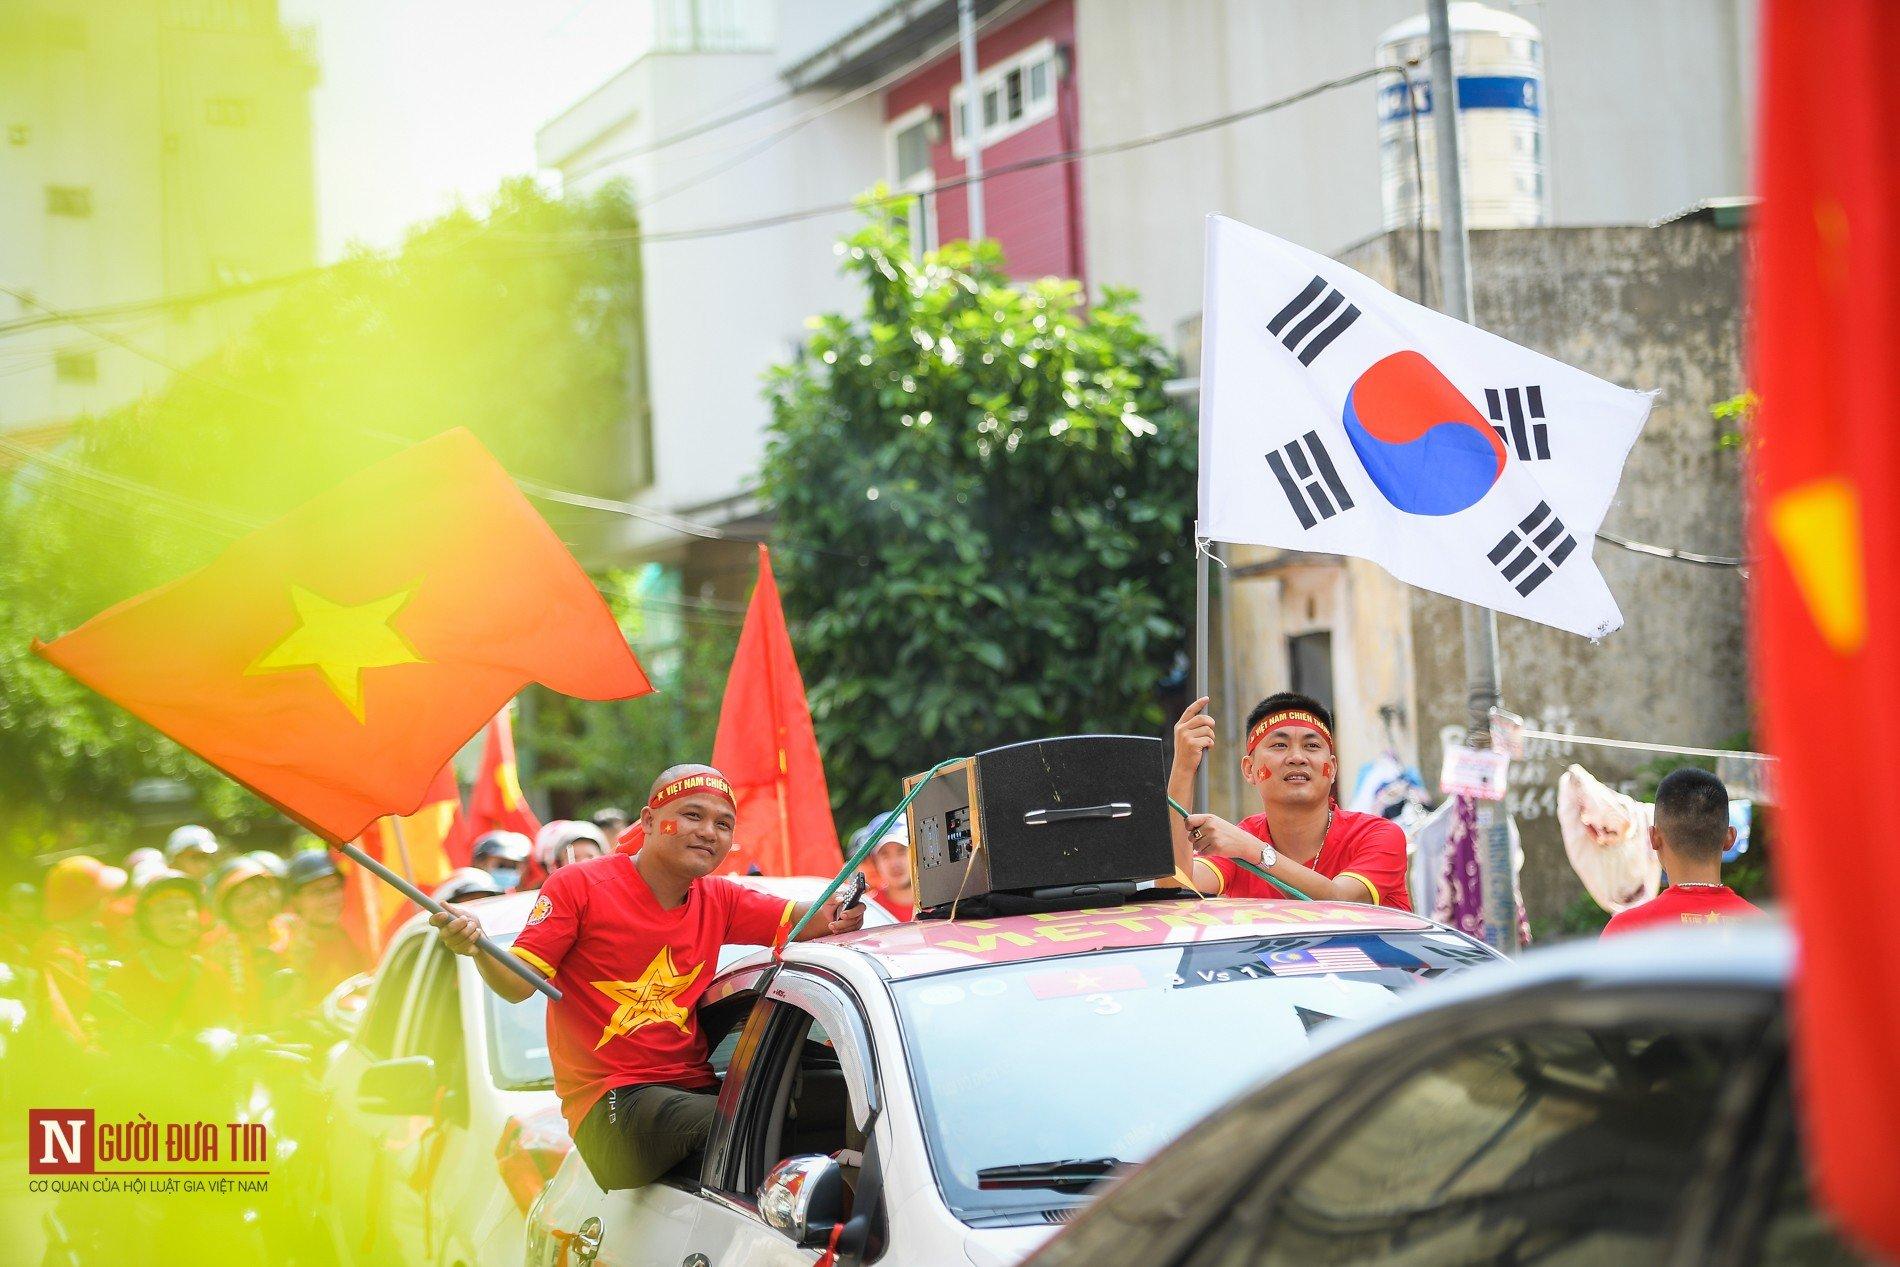 Nóng trước giờ G: Hàng ngàn CĐV diễu hành cổ vũ ĐTQG Việt Nam 9